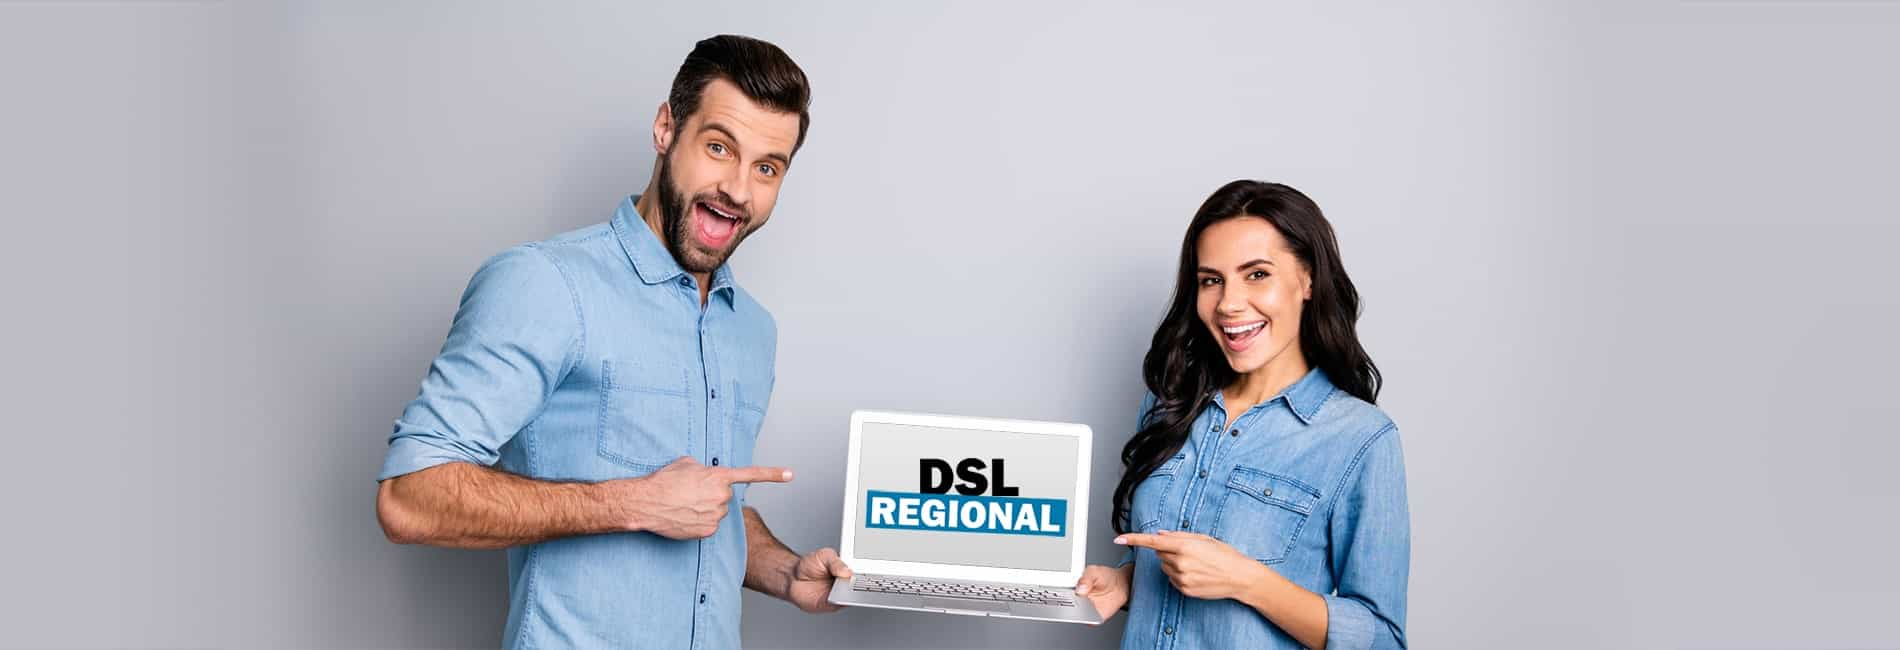 Nutzer empfehlen DSLregional